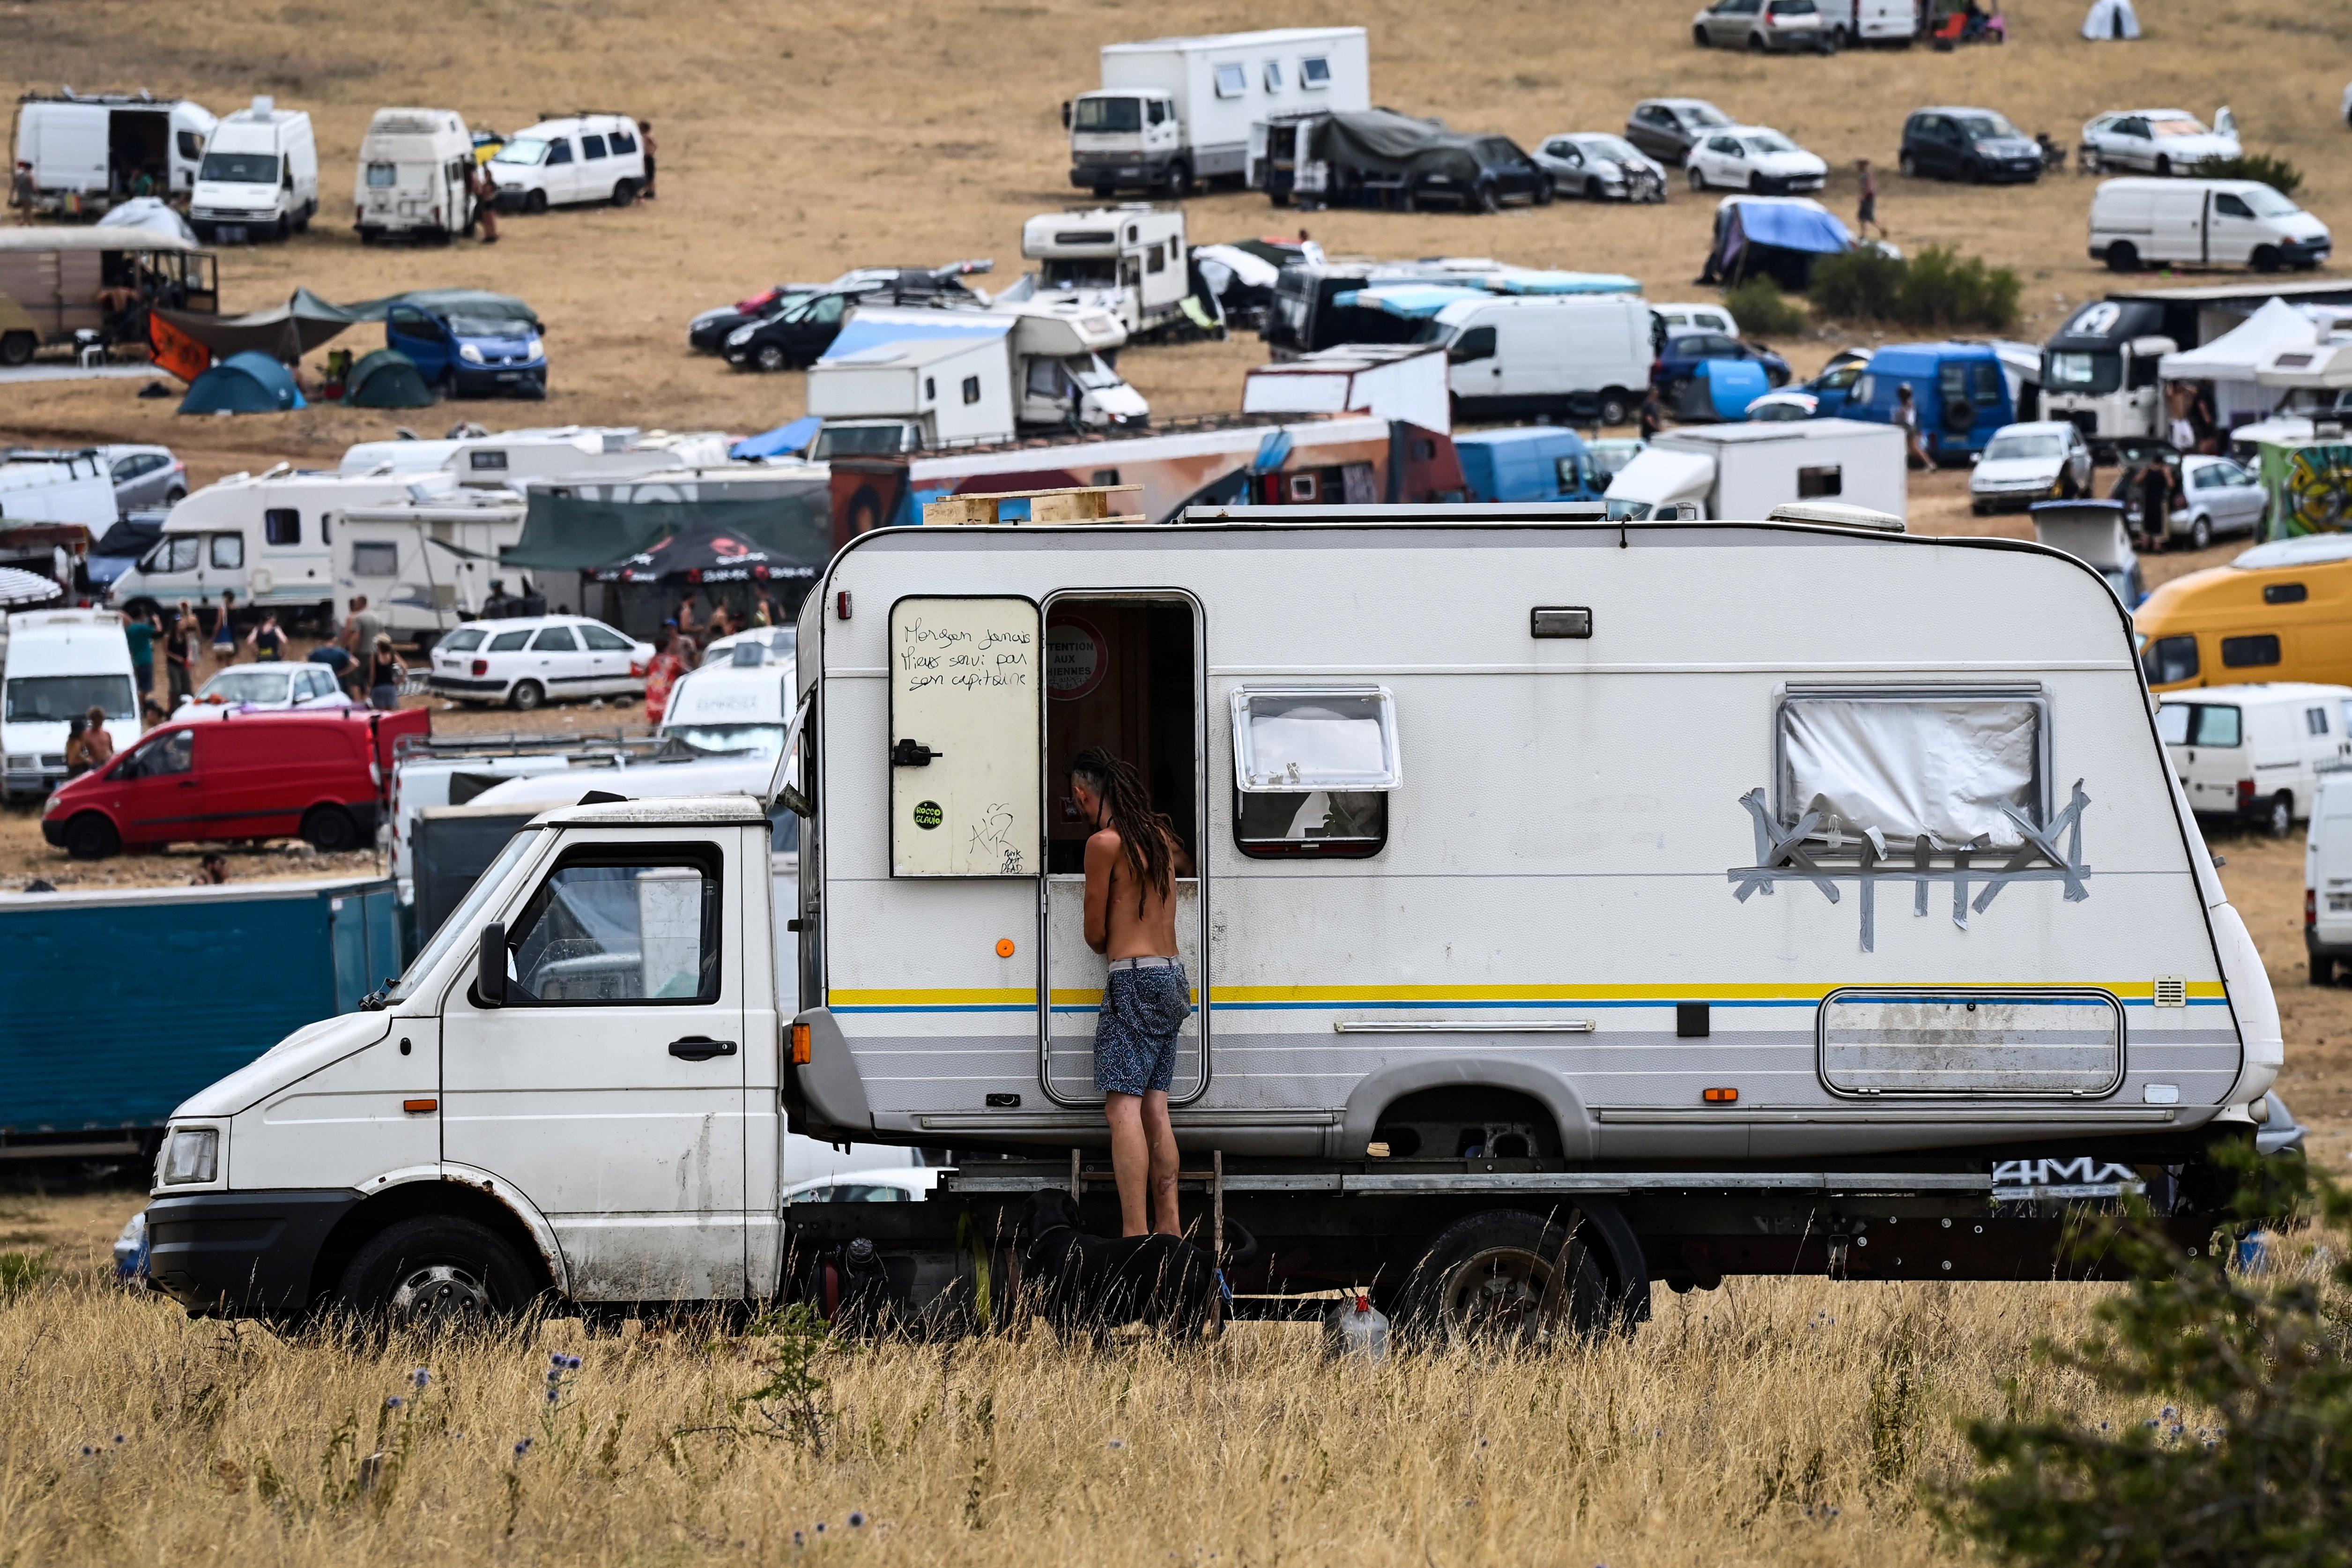 Viele Wohnmobile und Wohnwagen auf einem Campingplatz